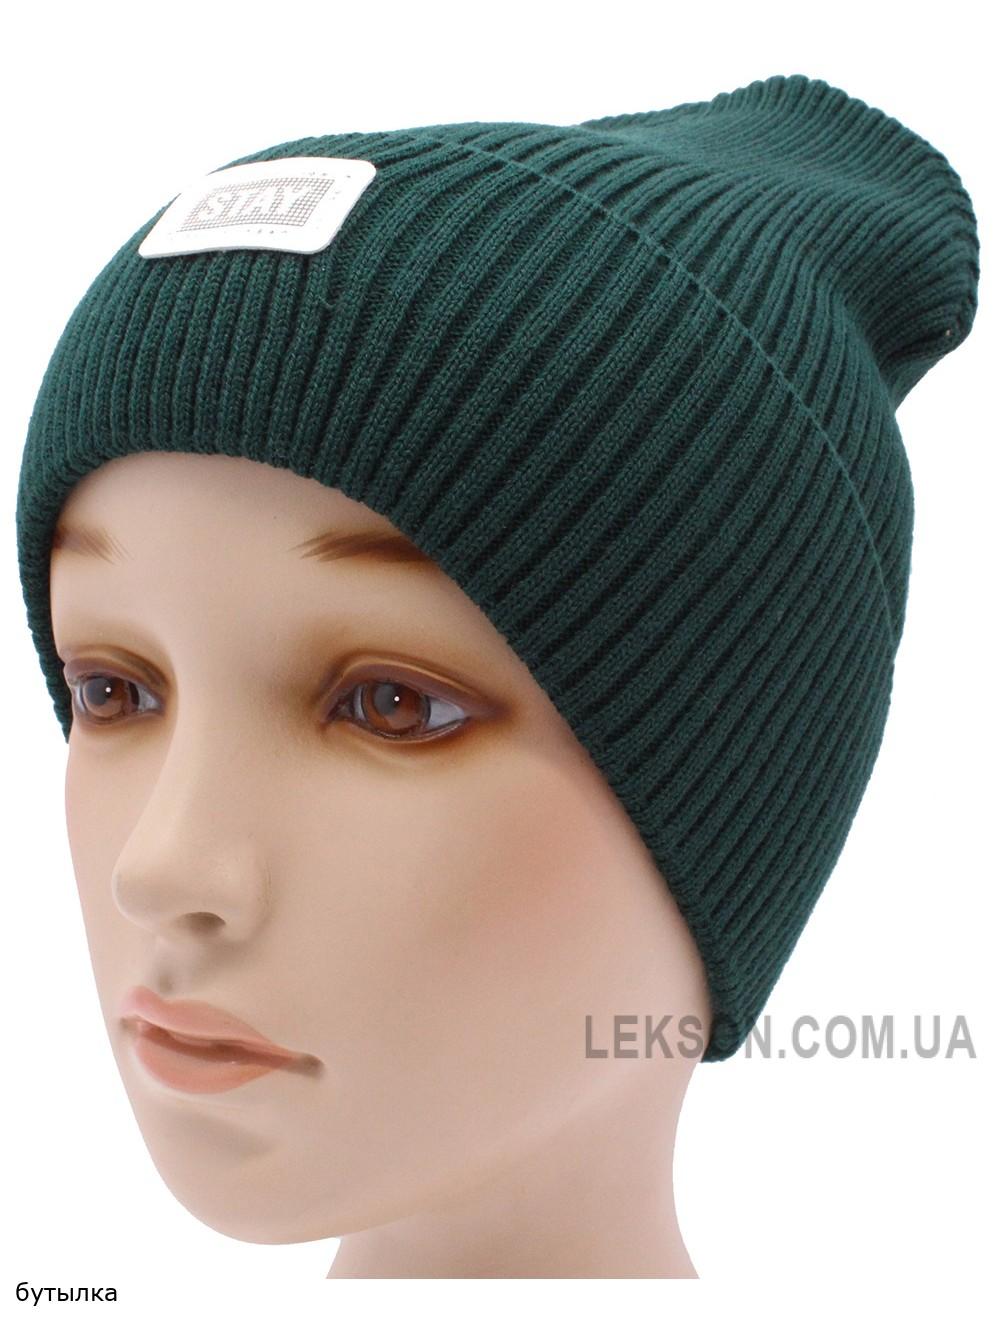 Детская вязаная шапка №008185-54-56